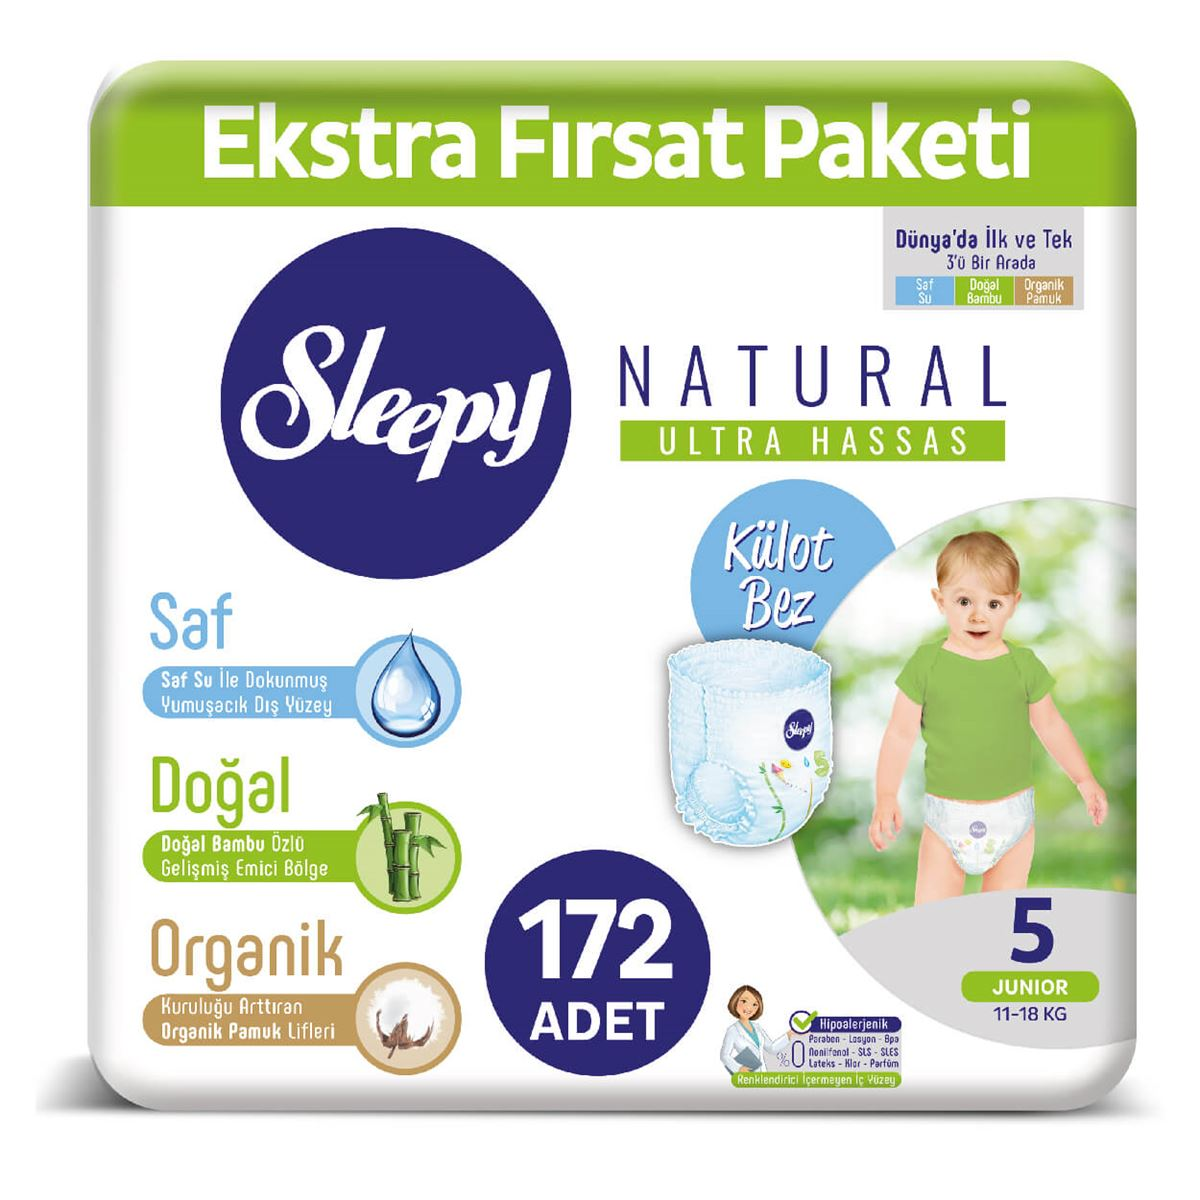 Sleepy Natural KÜLOT Bez 5 Numara Junior Ekstra Fırsat Paketi 172 Adet